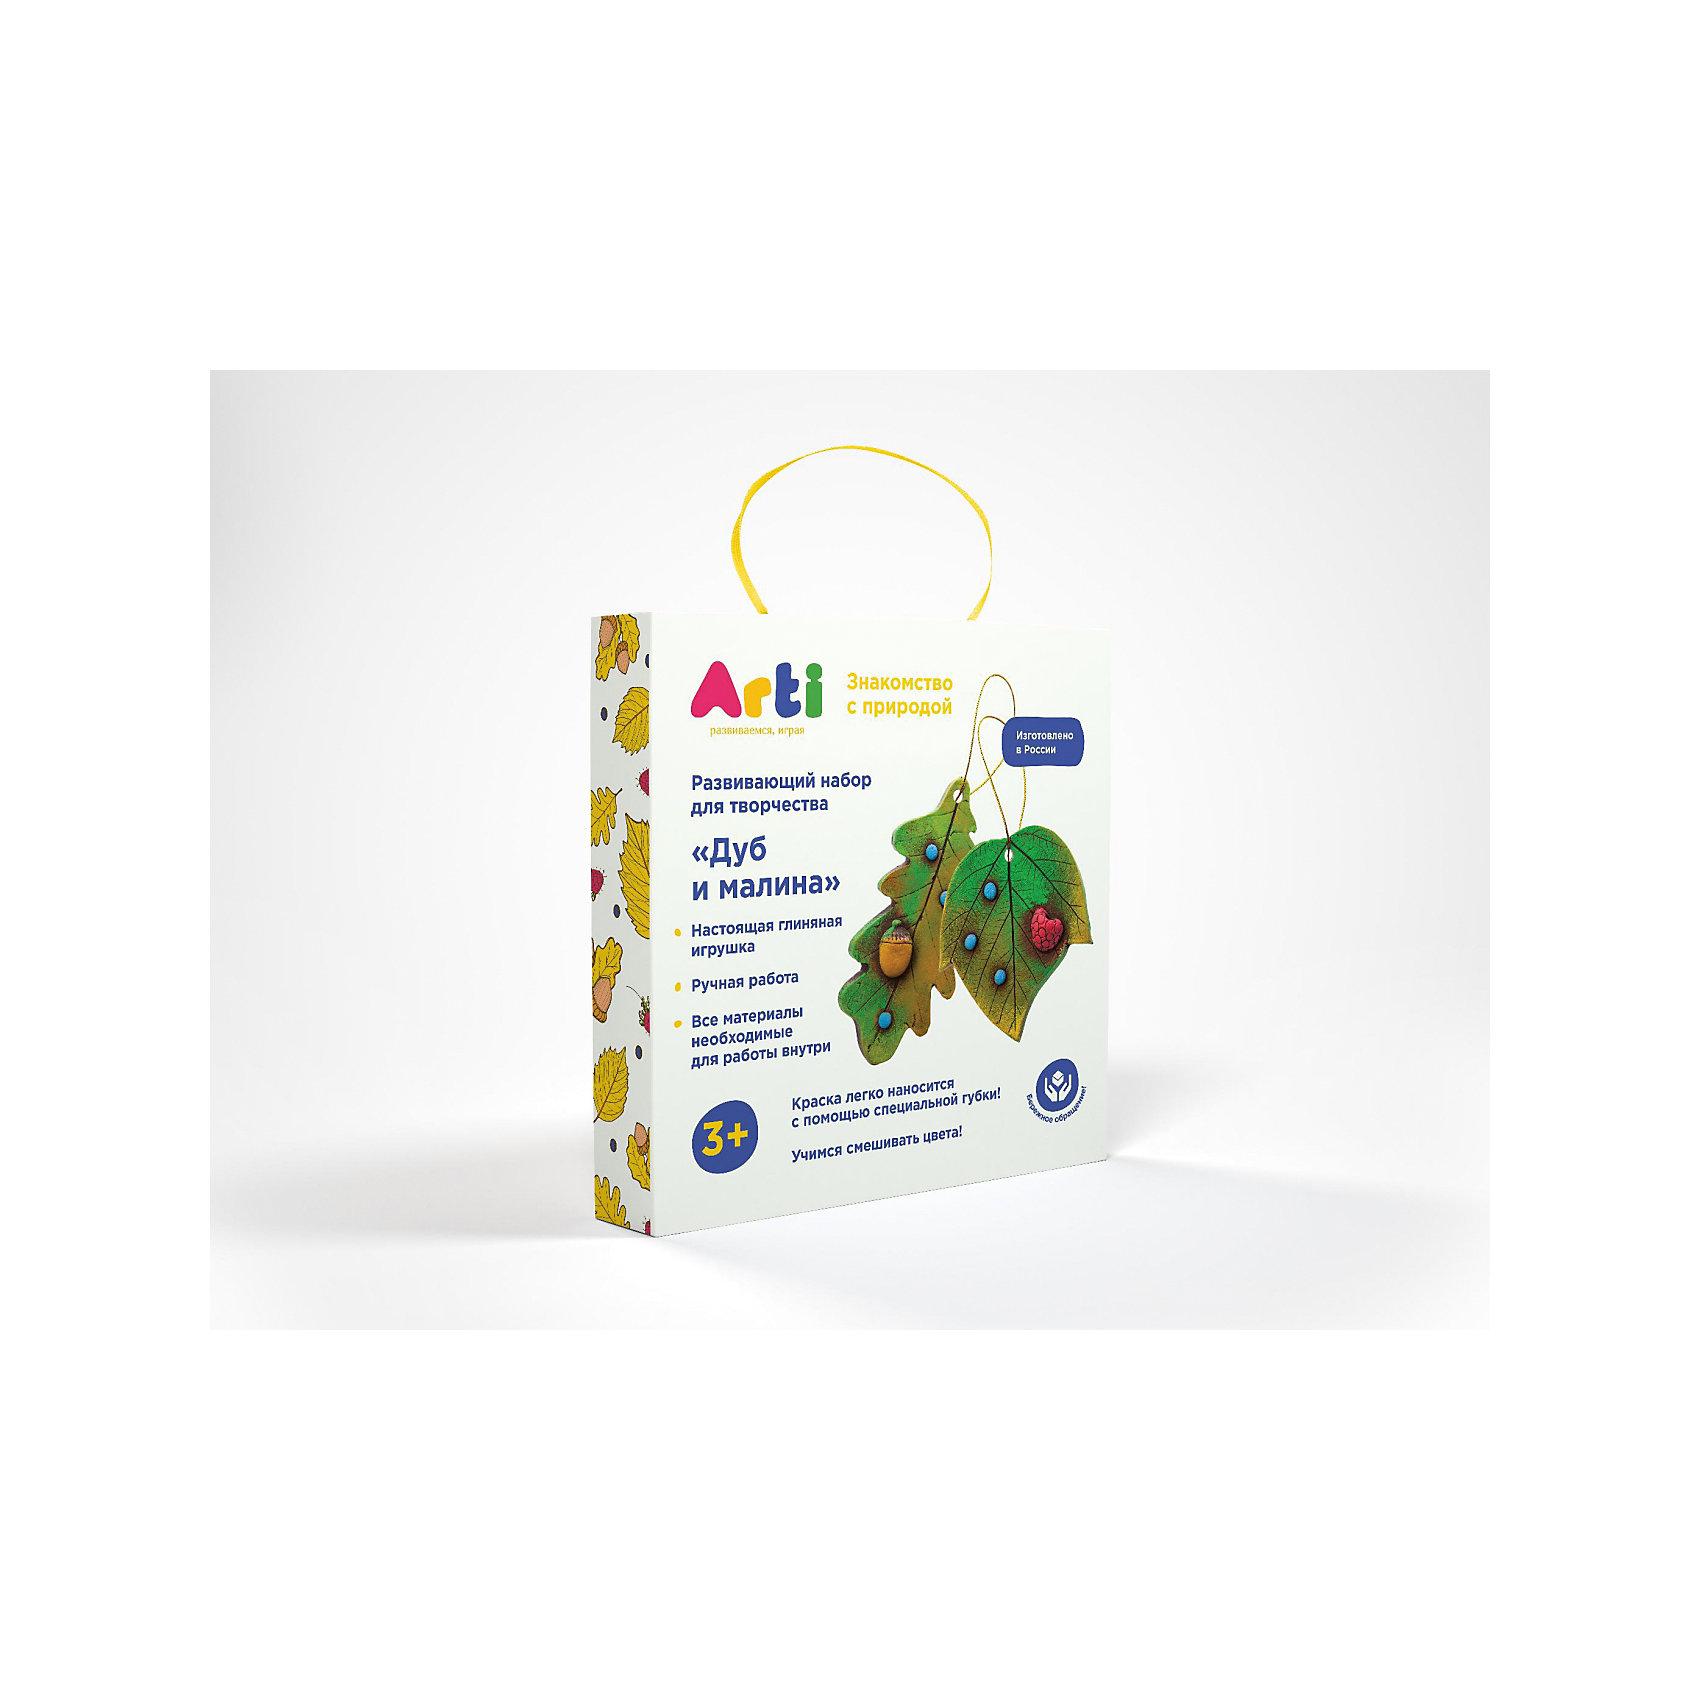 Набор для творчества Дуб и малинаРисование<br>Набор для творчества Дуб и малина.<br><br>Характеристика: <br><br>• Возраст: от 3 лет<br>• Материал: глина, текстиль, краски, дерево, шерсть. <br>• Размер упаковки: 3х18х18 см. <br>• Комплектация: глиняная композиция листьев липы и смородины, акриловые краски, поролоновая губка для нанесения краски, палитра с картой смешения цветов, шнурок, инструкция.<br>• Объем 1 баночки с краской: 5 мл.<br>• Развивает моторику рук, мышление, внимание. фантазию, творческие способности. <br><br>С помощью этого замечательного набора ваш ребенок сможет создать оригинальную глиняную композицию. Все детали набора выполнены из высококачественных материалов. Доступная простая инструкция позволит детям самим сделать свою объемную картину. Получившаяся композиция обязательно украсит стену детской или же станет отличным подарком, сделанным своими руками. <br><br>Набор для творчества Дуб и малина можно купить в нашем интернет-магазине.<br><br>Ширина мм: 180<br>Глубина мм: 180<br>Высота мм: 30<br>Вес г: 240<br>Возраст от месяцев: 36<br>Возраст до месяцев: 2147483647<br>Пол: Унисекс<br>Возраст: Детский<br>SKU: 5487928